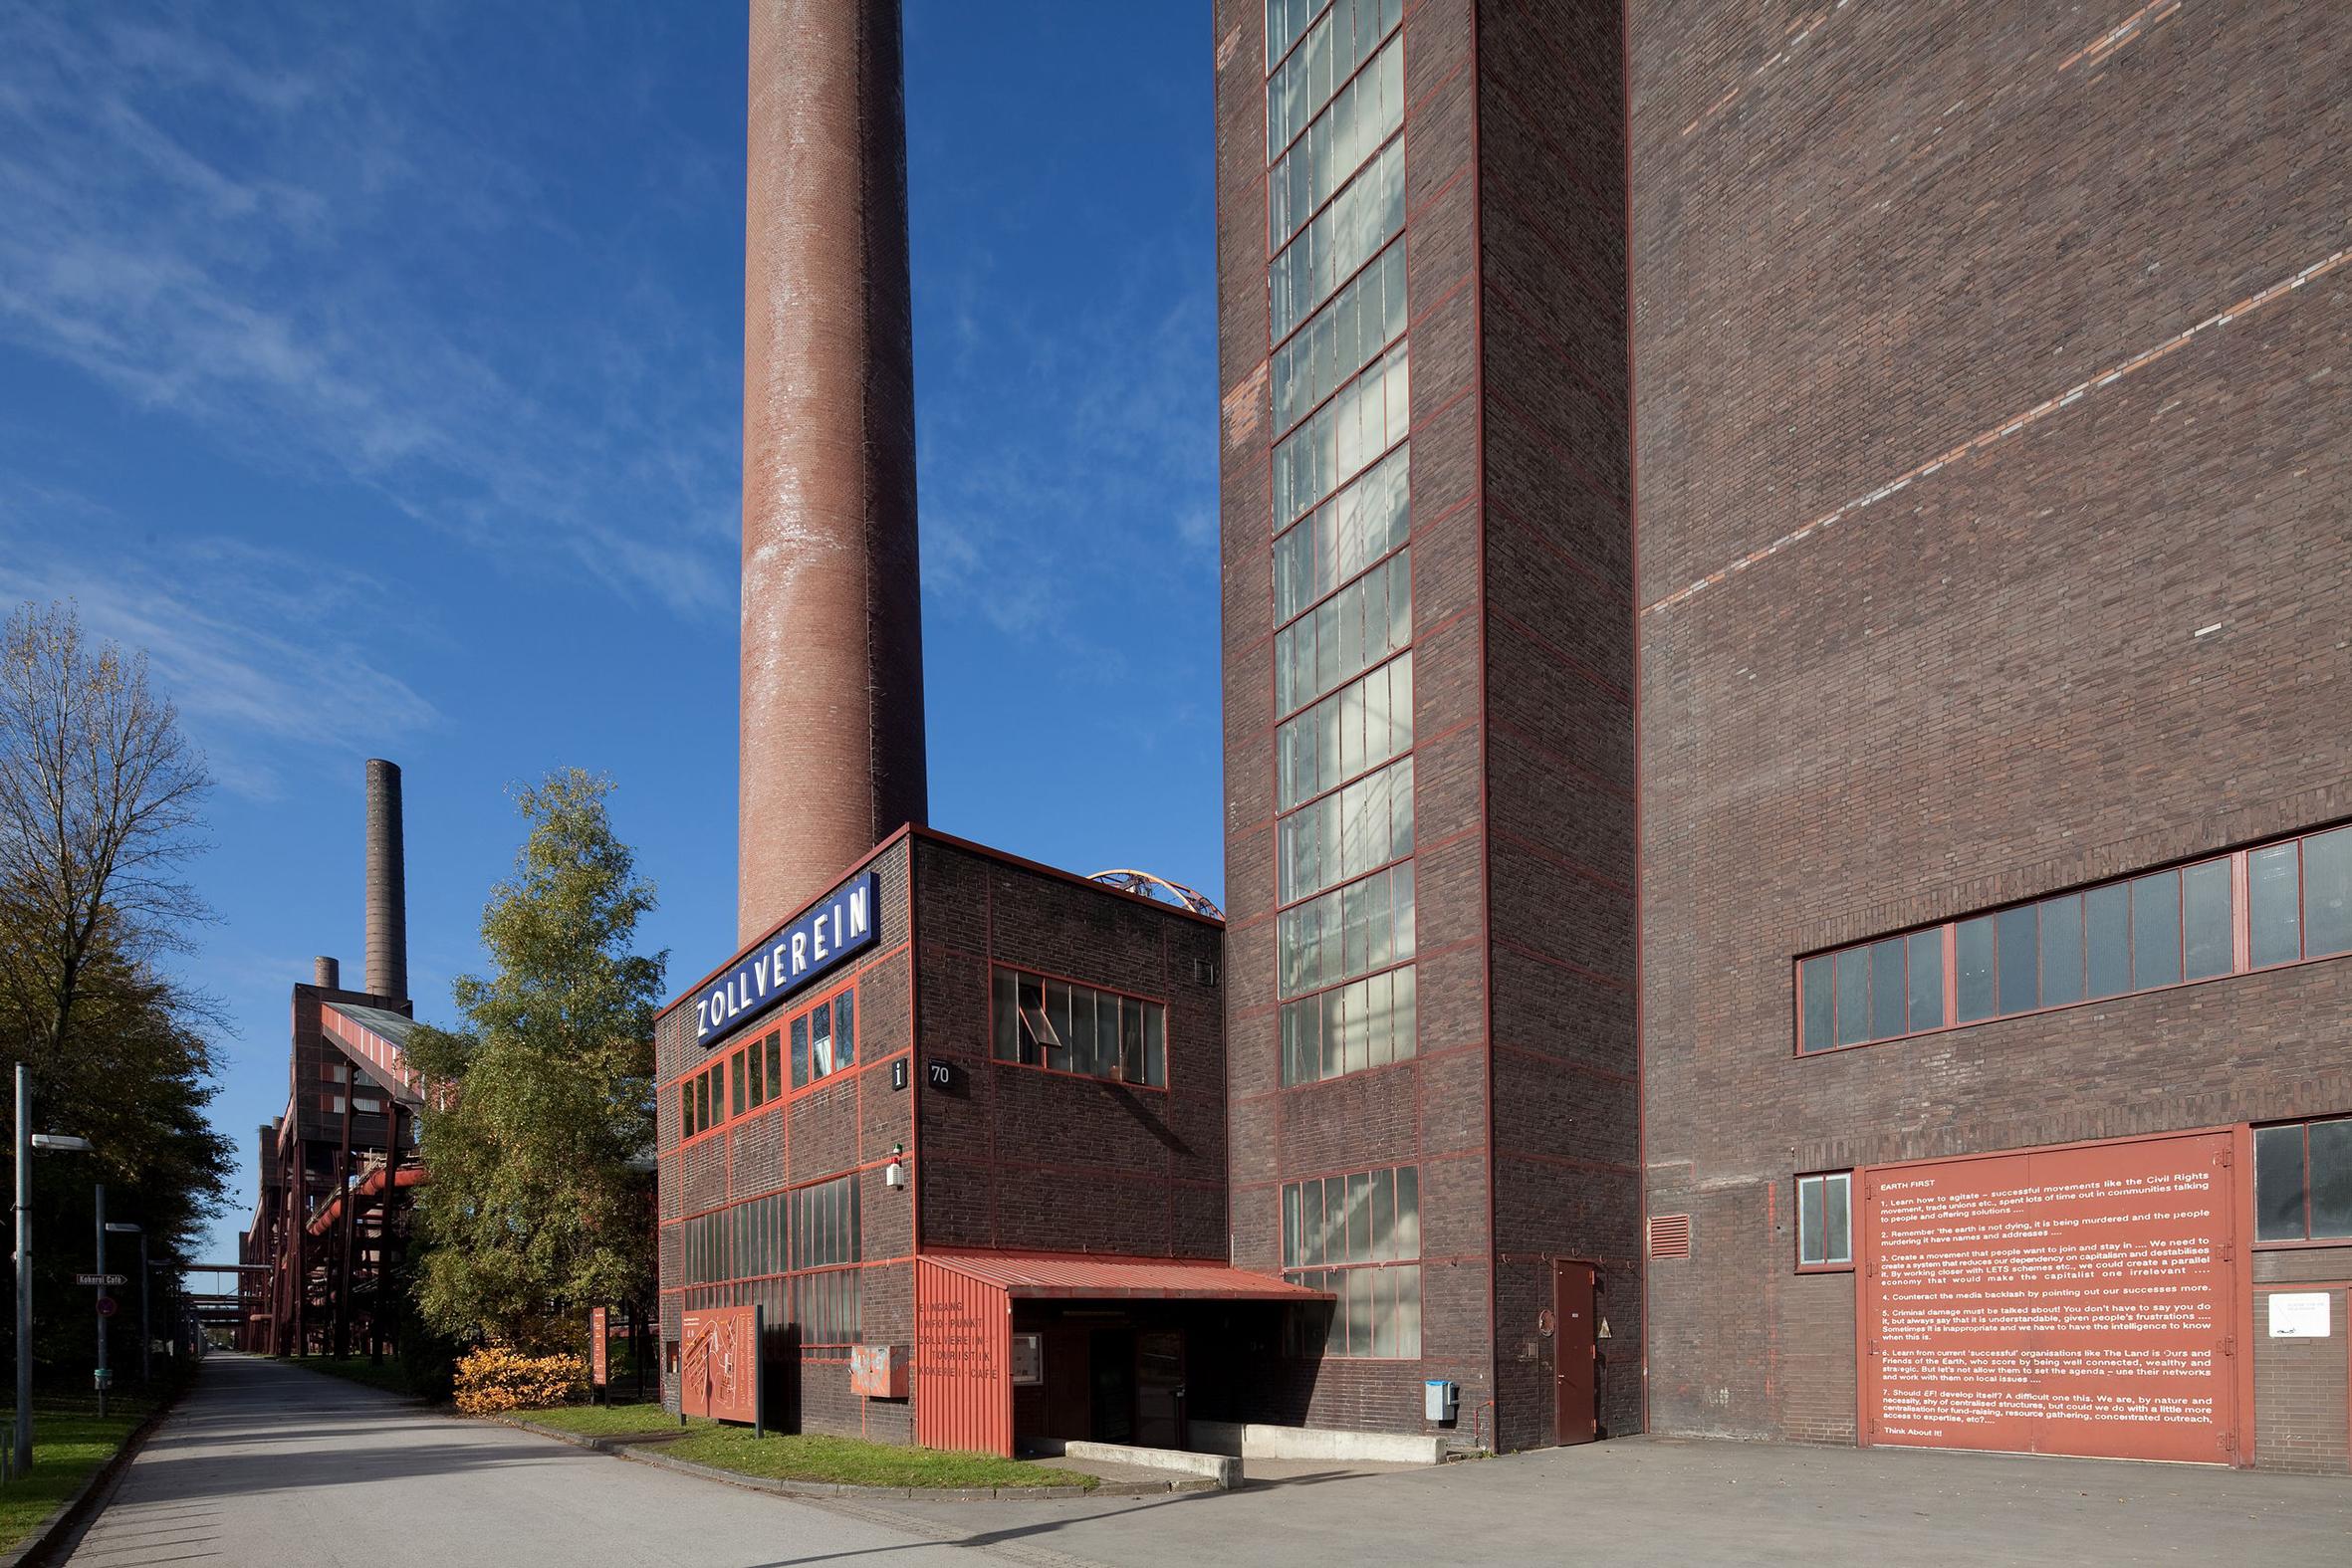 Außenaufnahme der Mischanlage der Kokerei Zollverein, Foto: Thomas Willemsen © Stiftung Zollverein